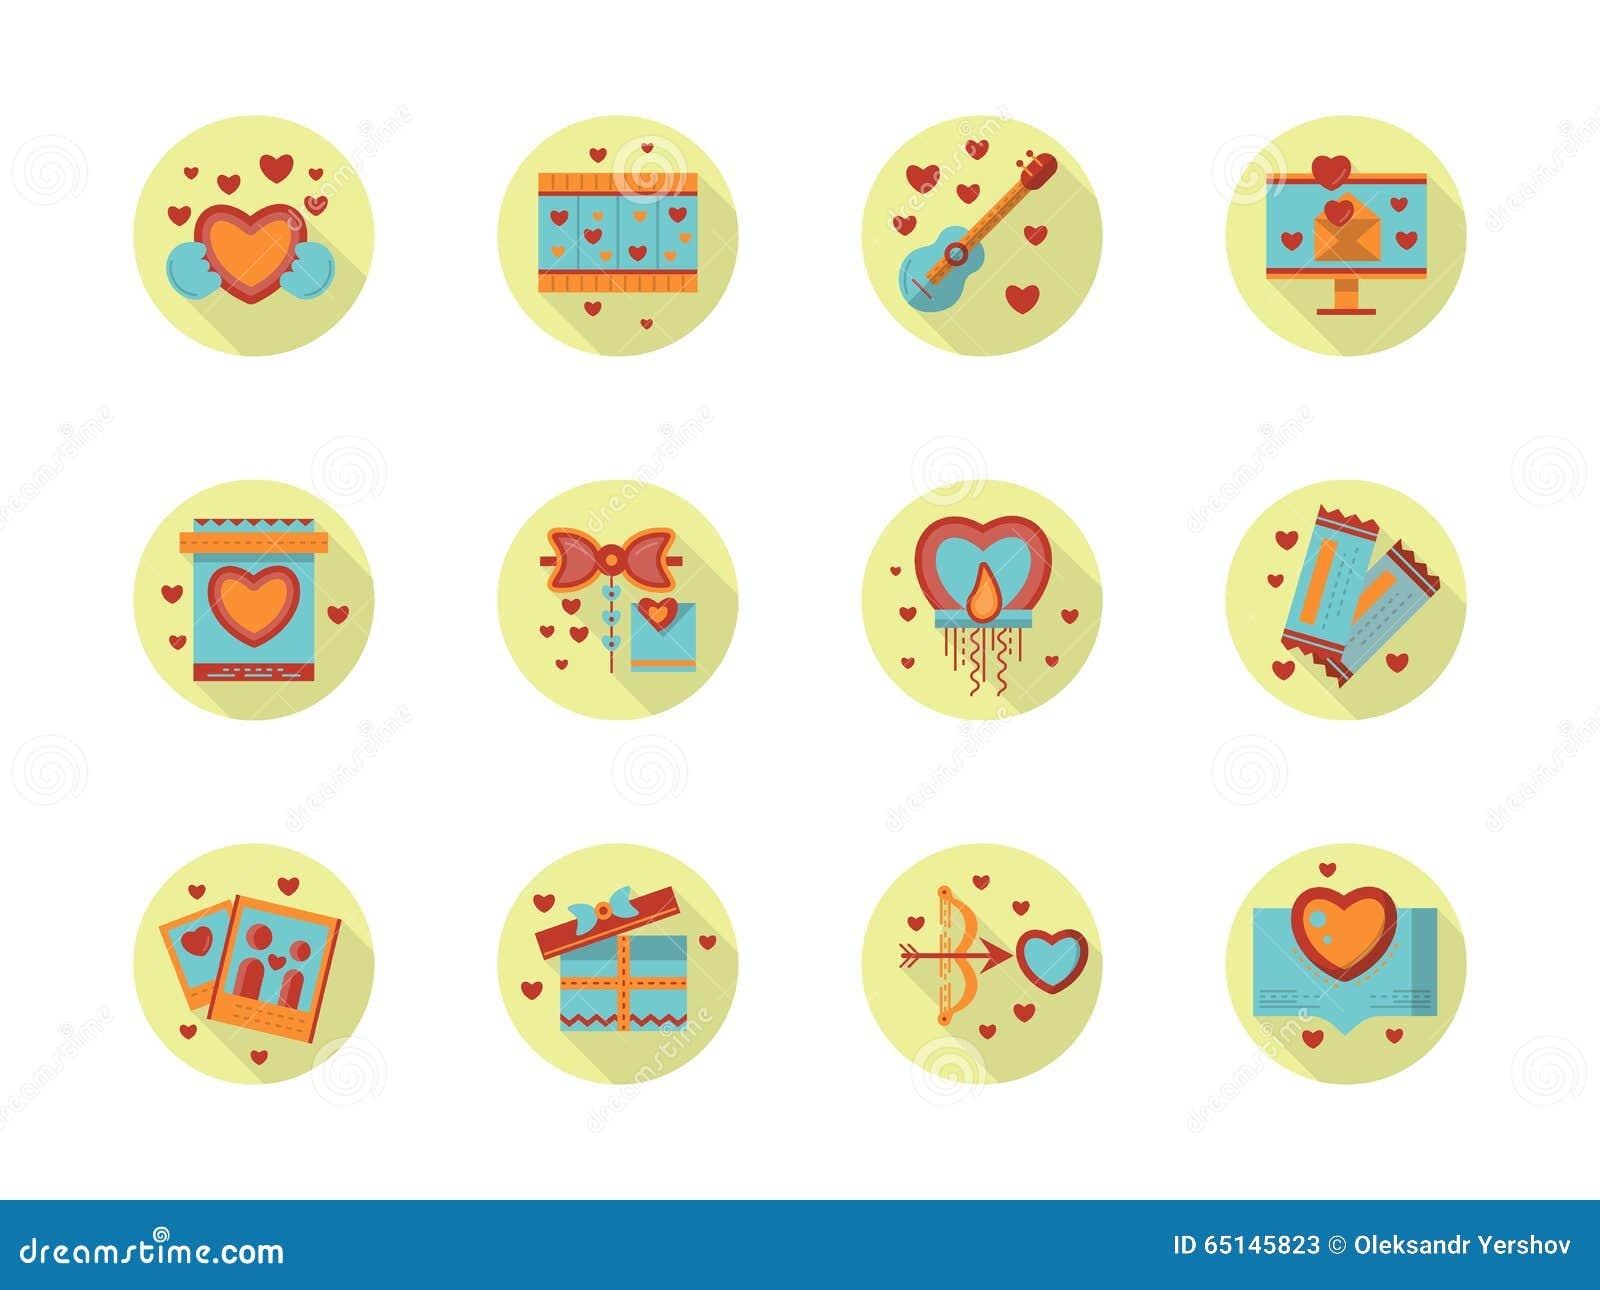 Romantische gebeurtenis vlakke kleur om pictogrammen